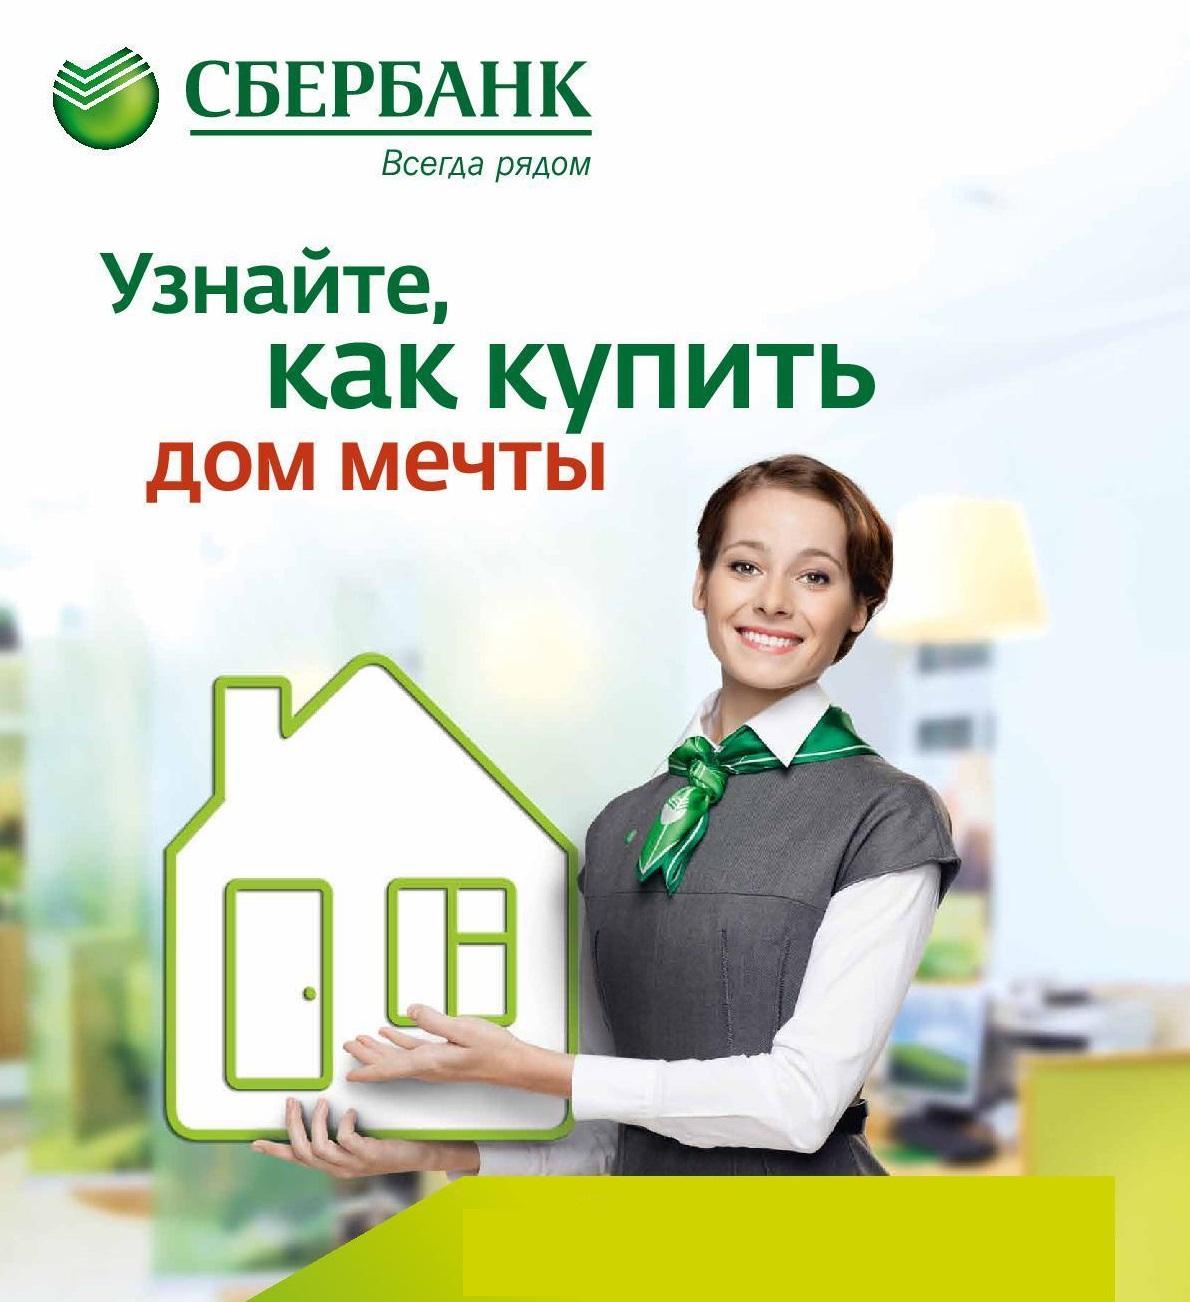 легко купить частный дом в ипотеку в сбербанке фаркопа